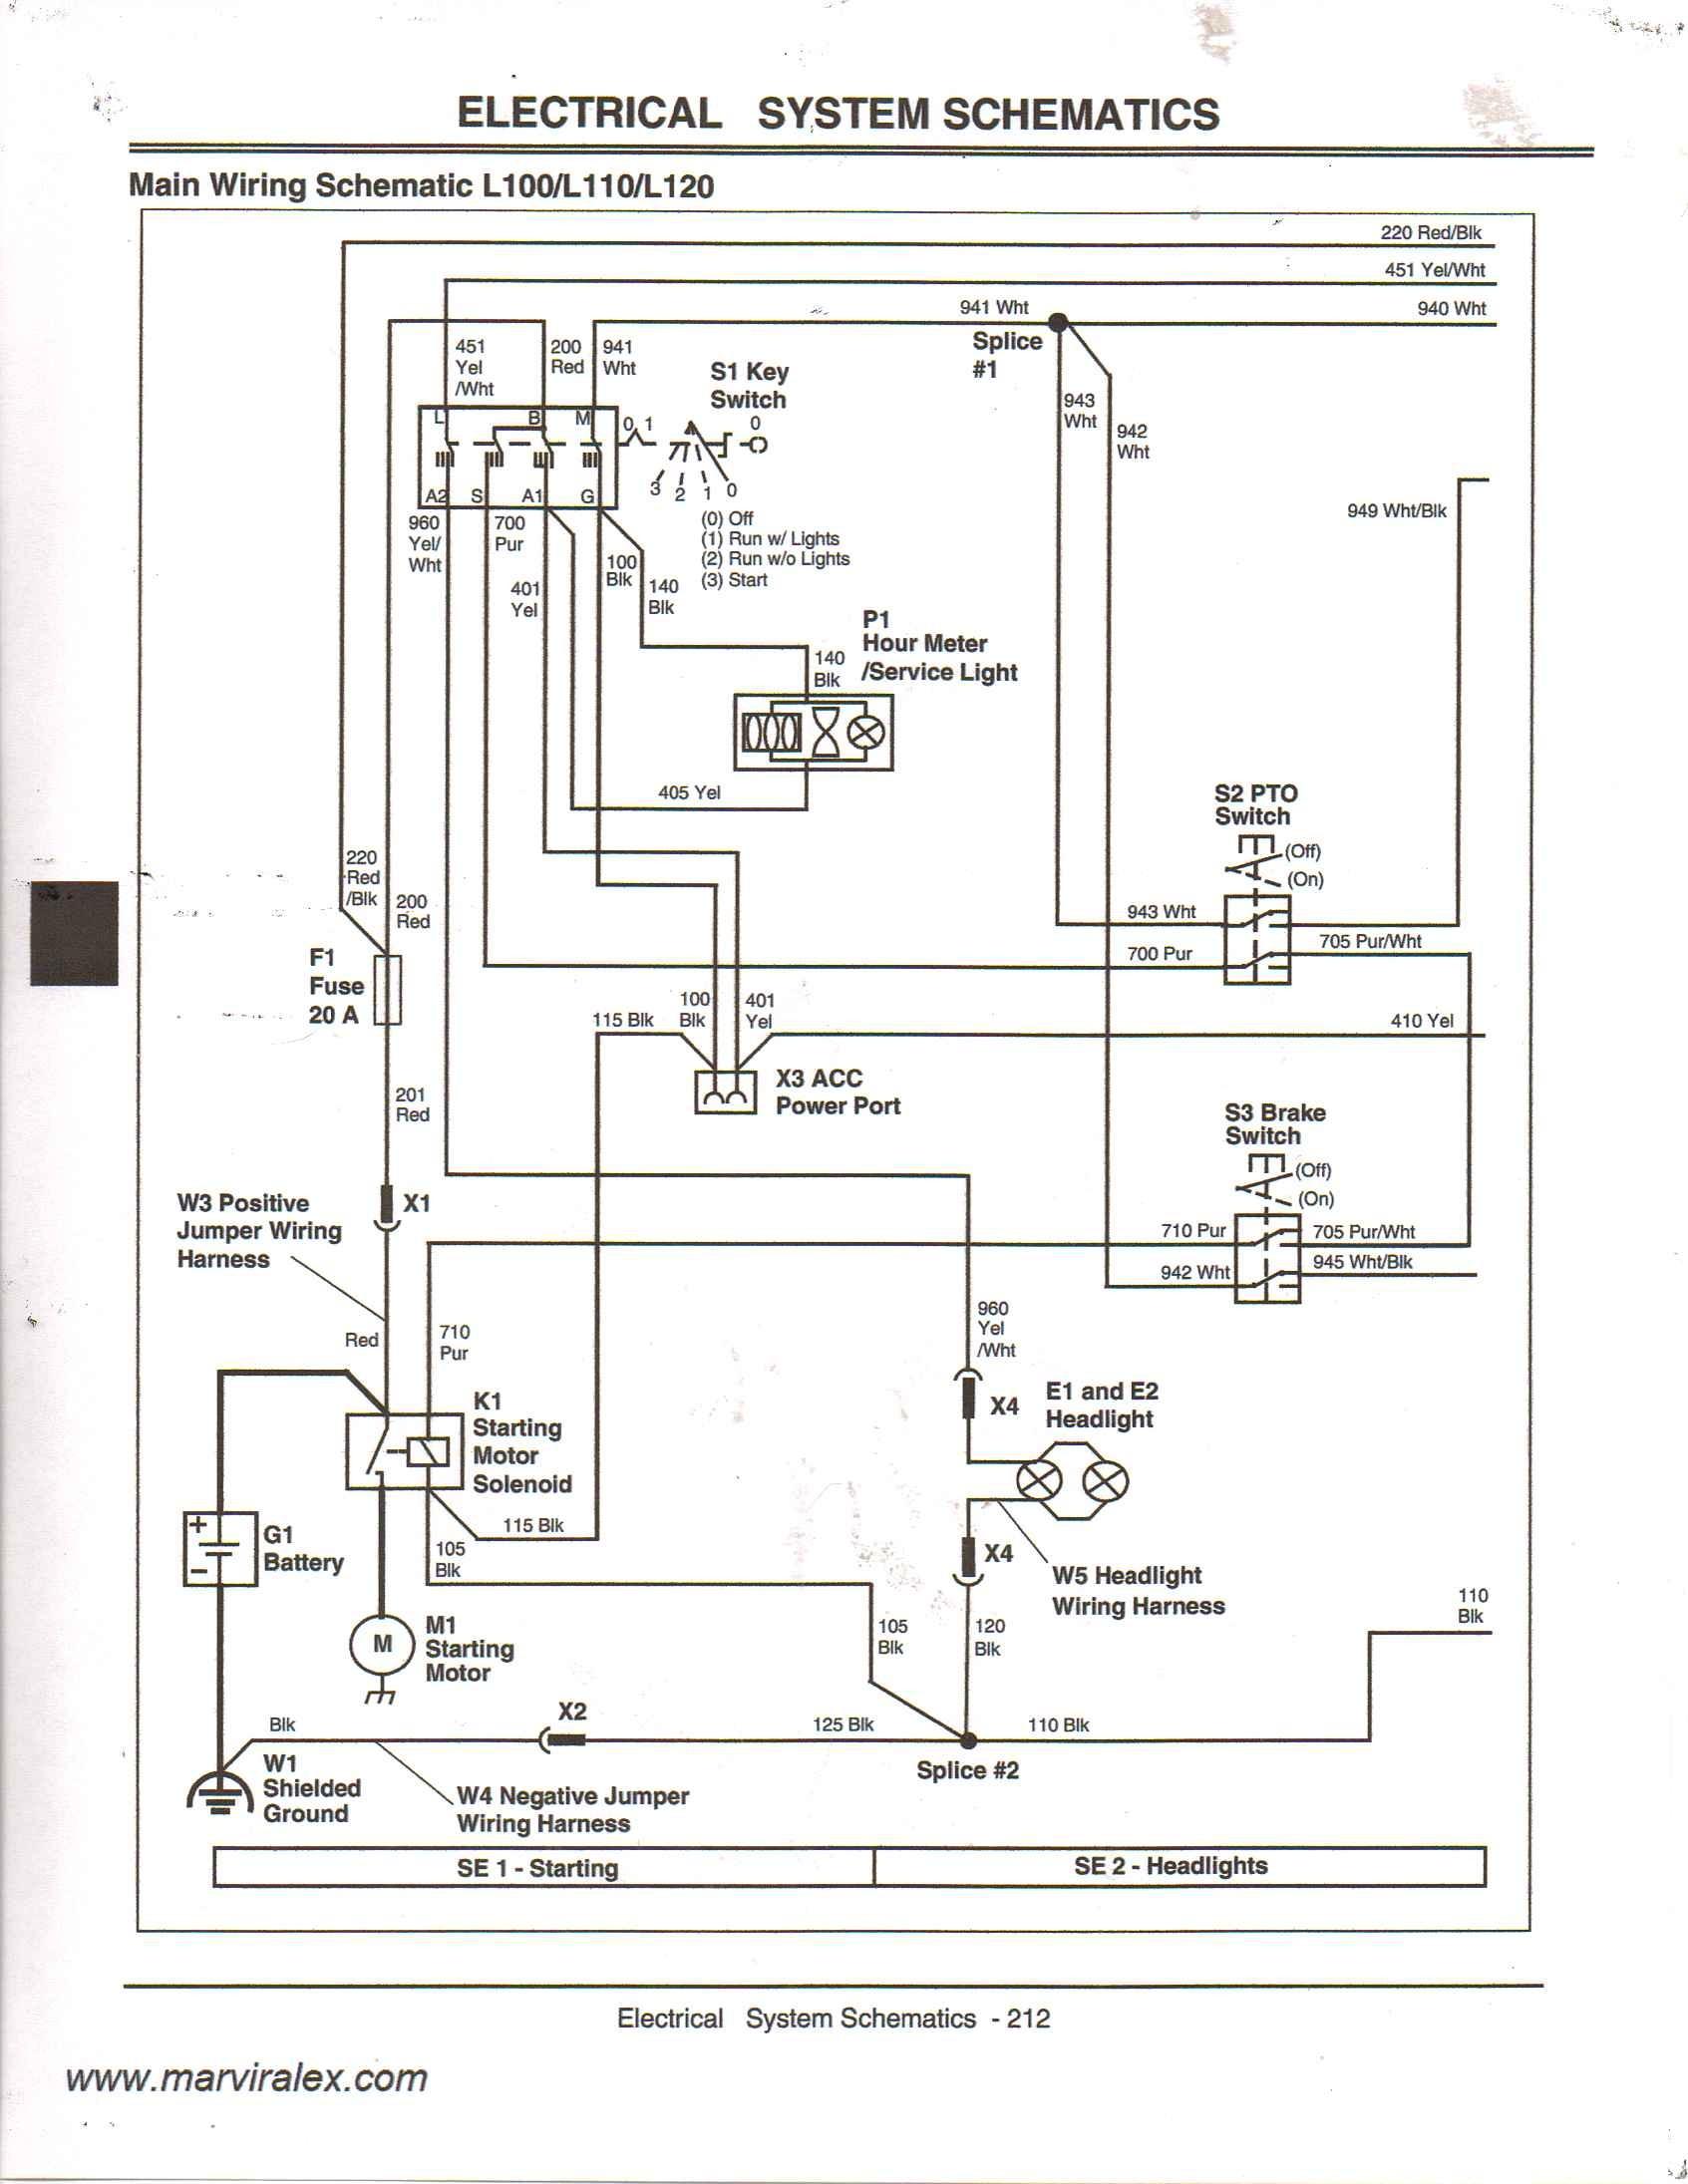 John Deere 345 Wiring Schematic Cb 4290] for John Deere 1050 Tractor Wiring Diagram Of John Deere 345 Wiring Schematic